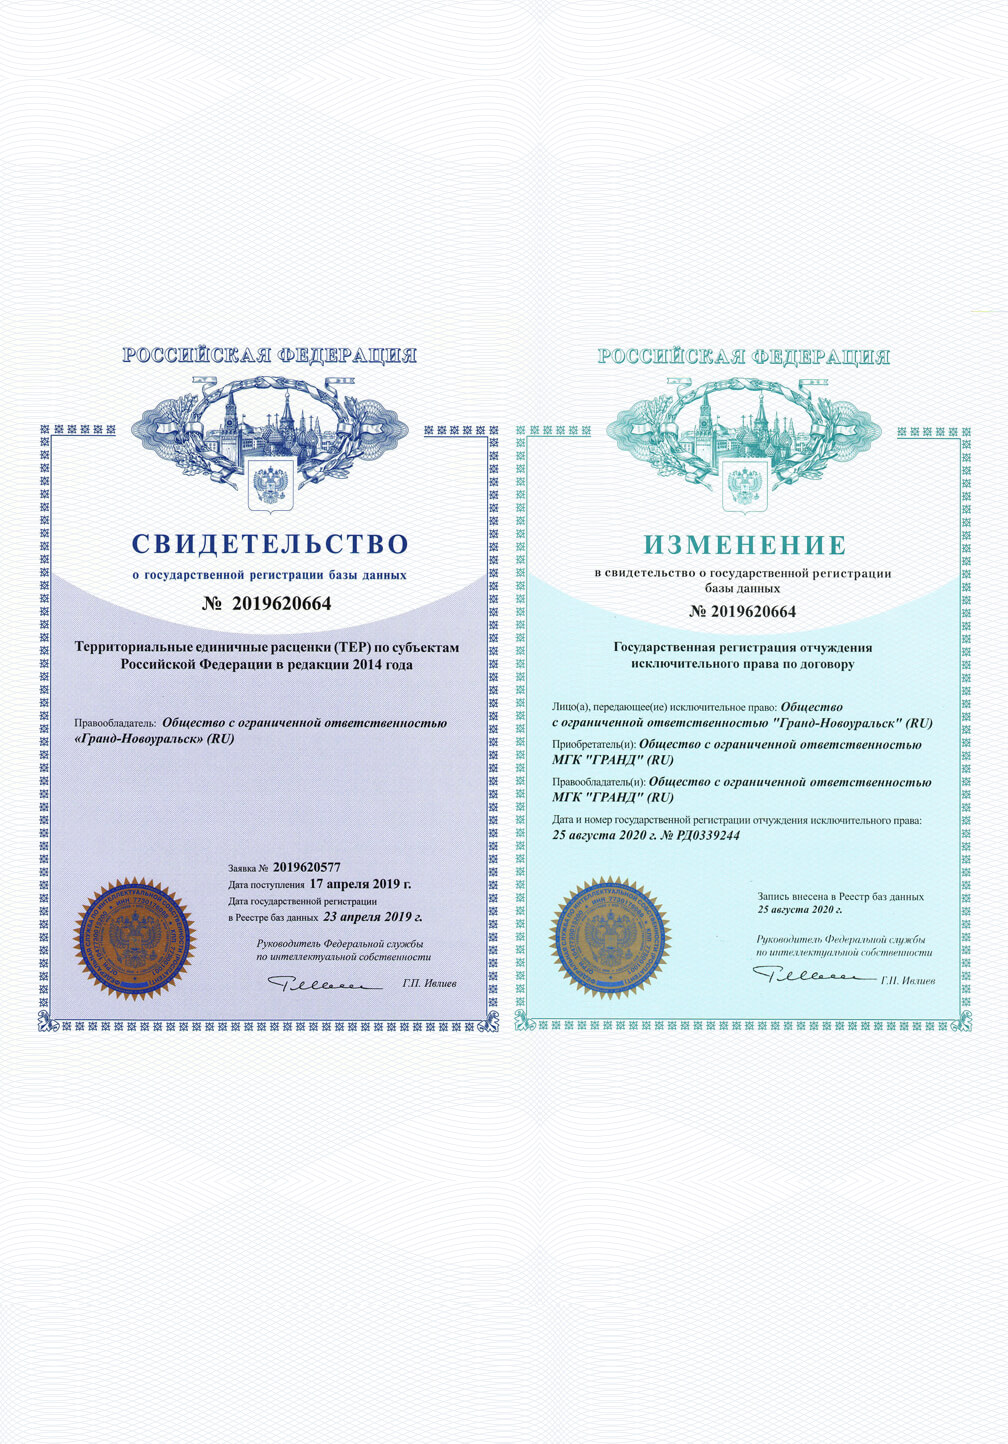 Территориальные единичные расценки (ТЕР) по субъектам Российской Федерации в редакции 2014 года